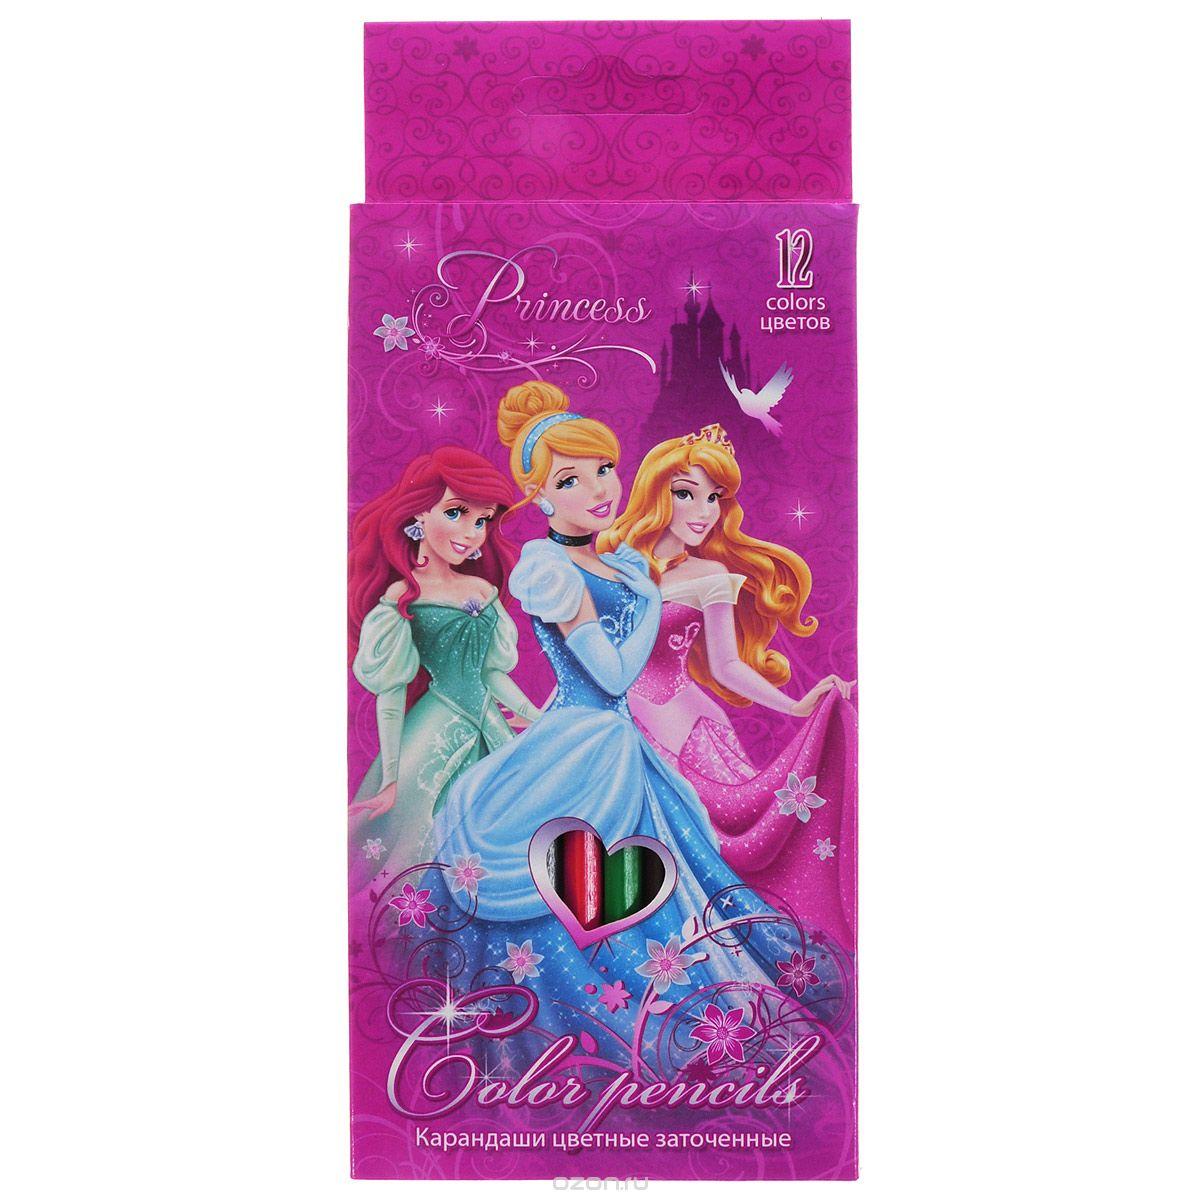 Набор цветных карандашей, 12 шт. Цветные карандаши длиной 17,8 см; заточенные; дерево ; цветной грифель 3 мм; карандаш в цвет грифеля с логотипом; Коробка из мелованного картона, раздвижная, европодвес. Princess